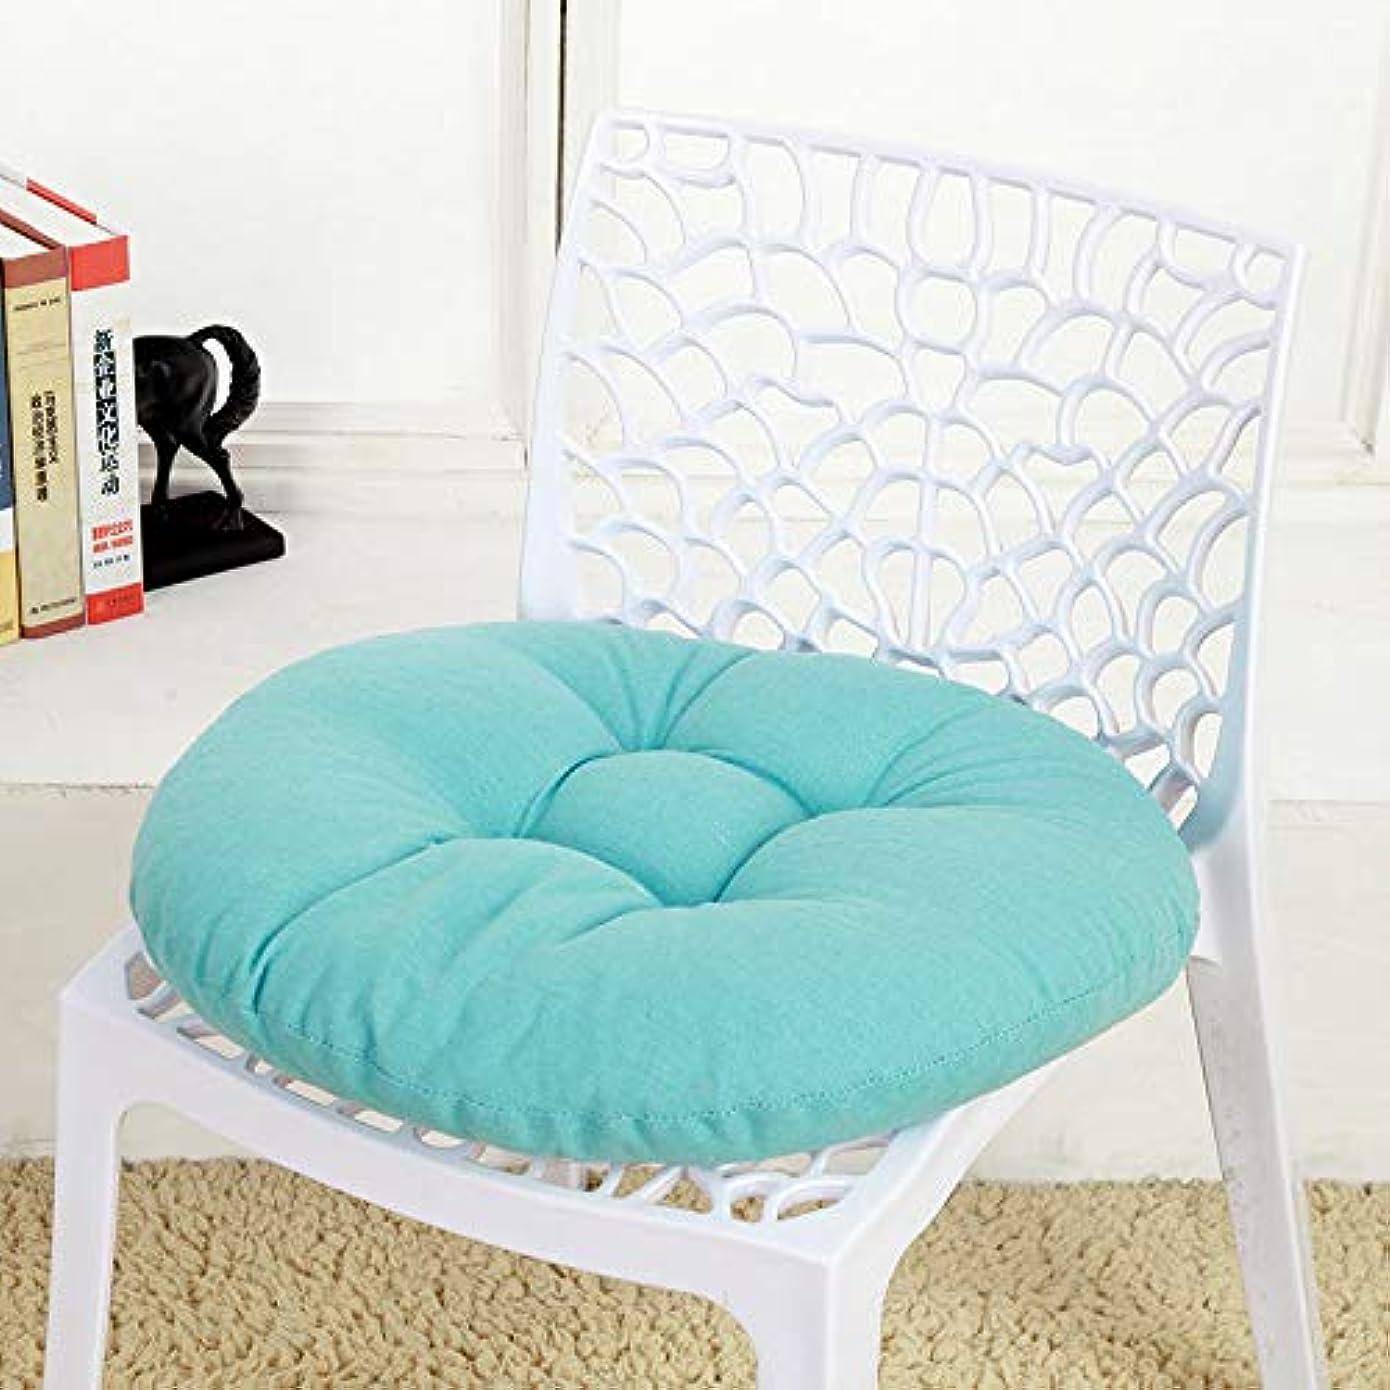 護衛ボクシング看板SMART キャンディカラーのクッションラウンドシートクッション波ウィンドウシートクッションクッション家の装飾パッドラウンド枕シート枕椅子座る枕 クッション 椅子